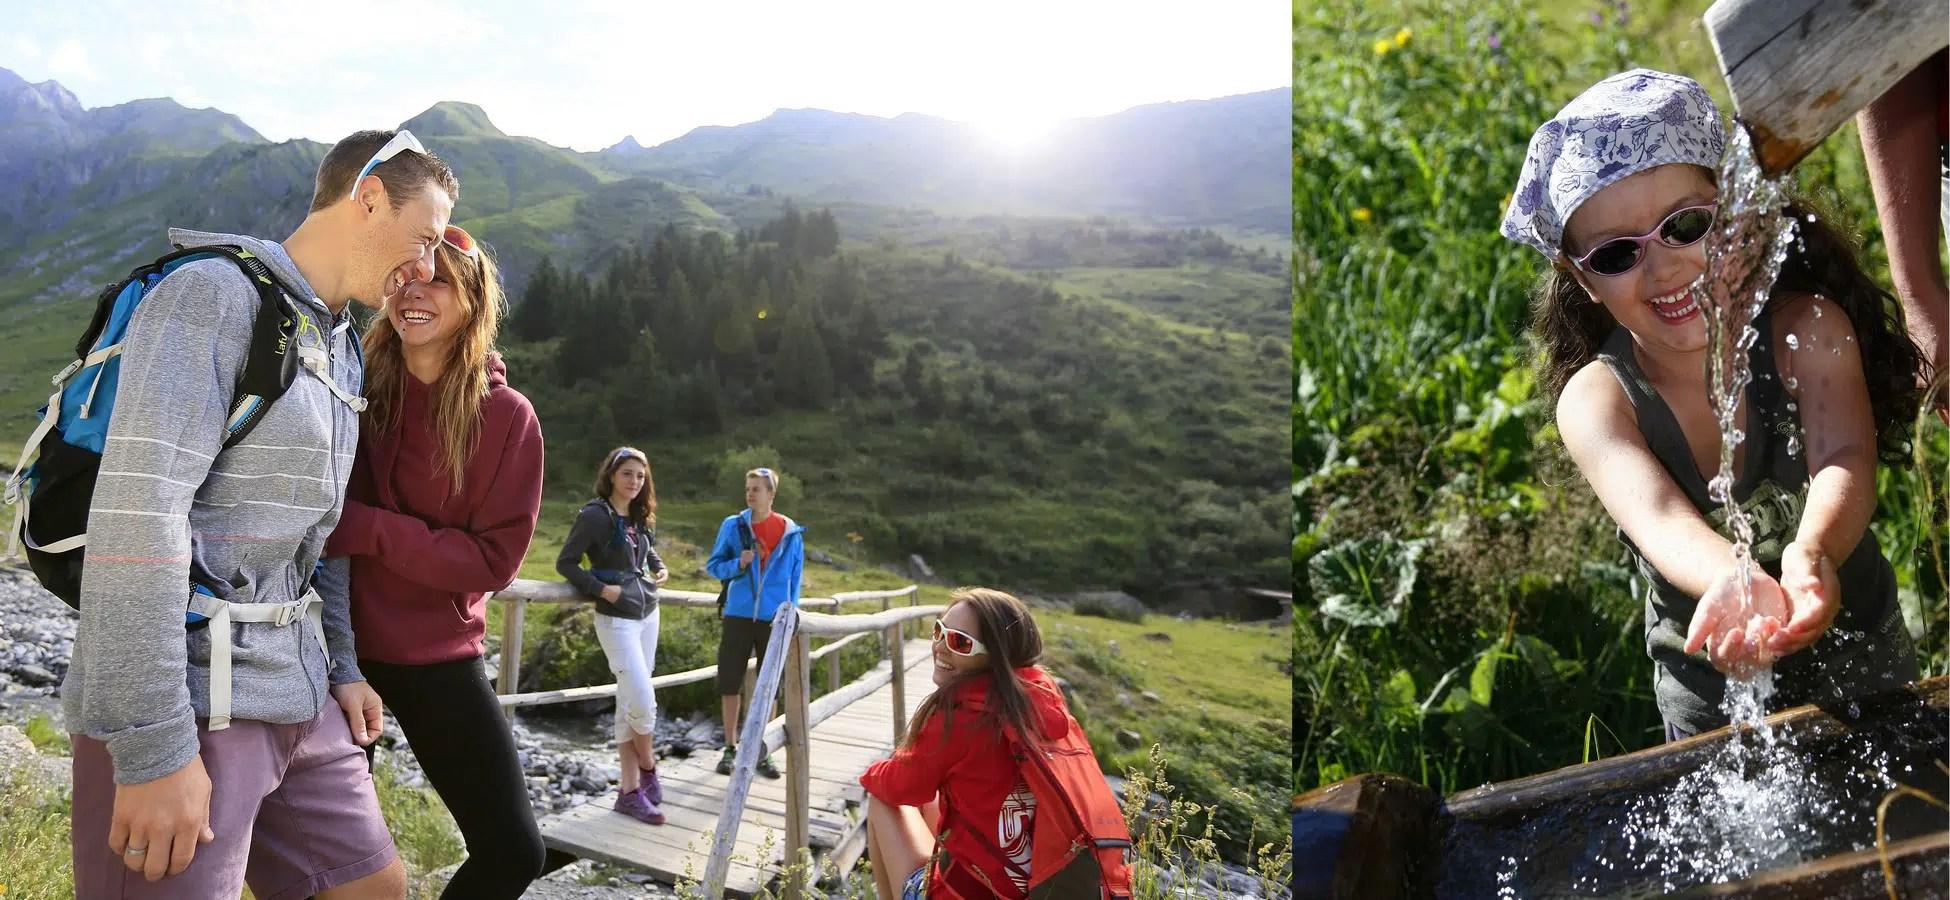 Bandeau d'illustration photographe tourisme de montagne en été